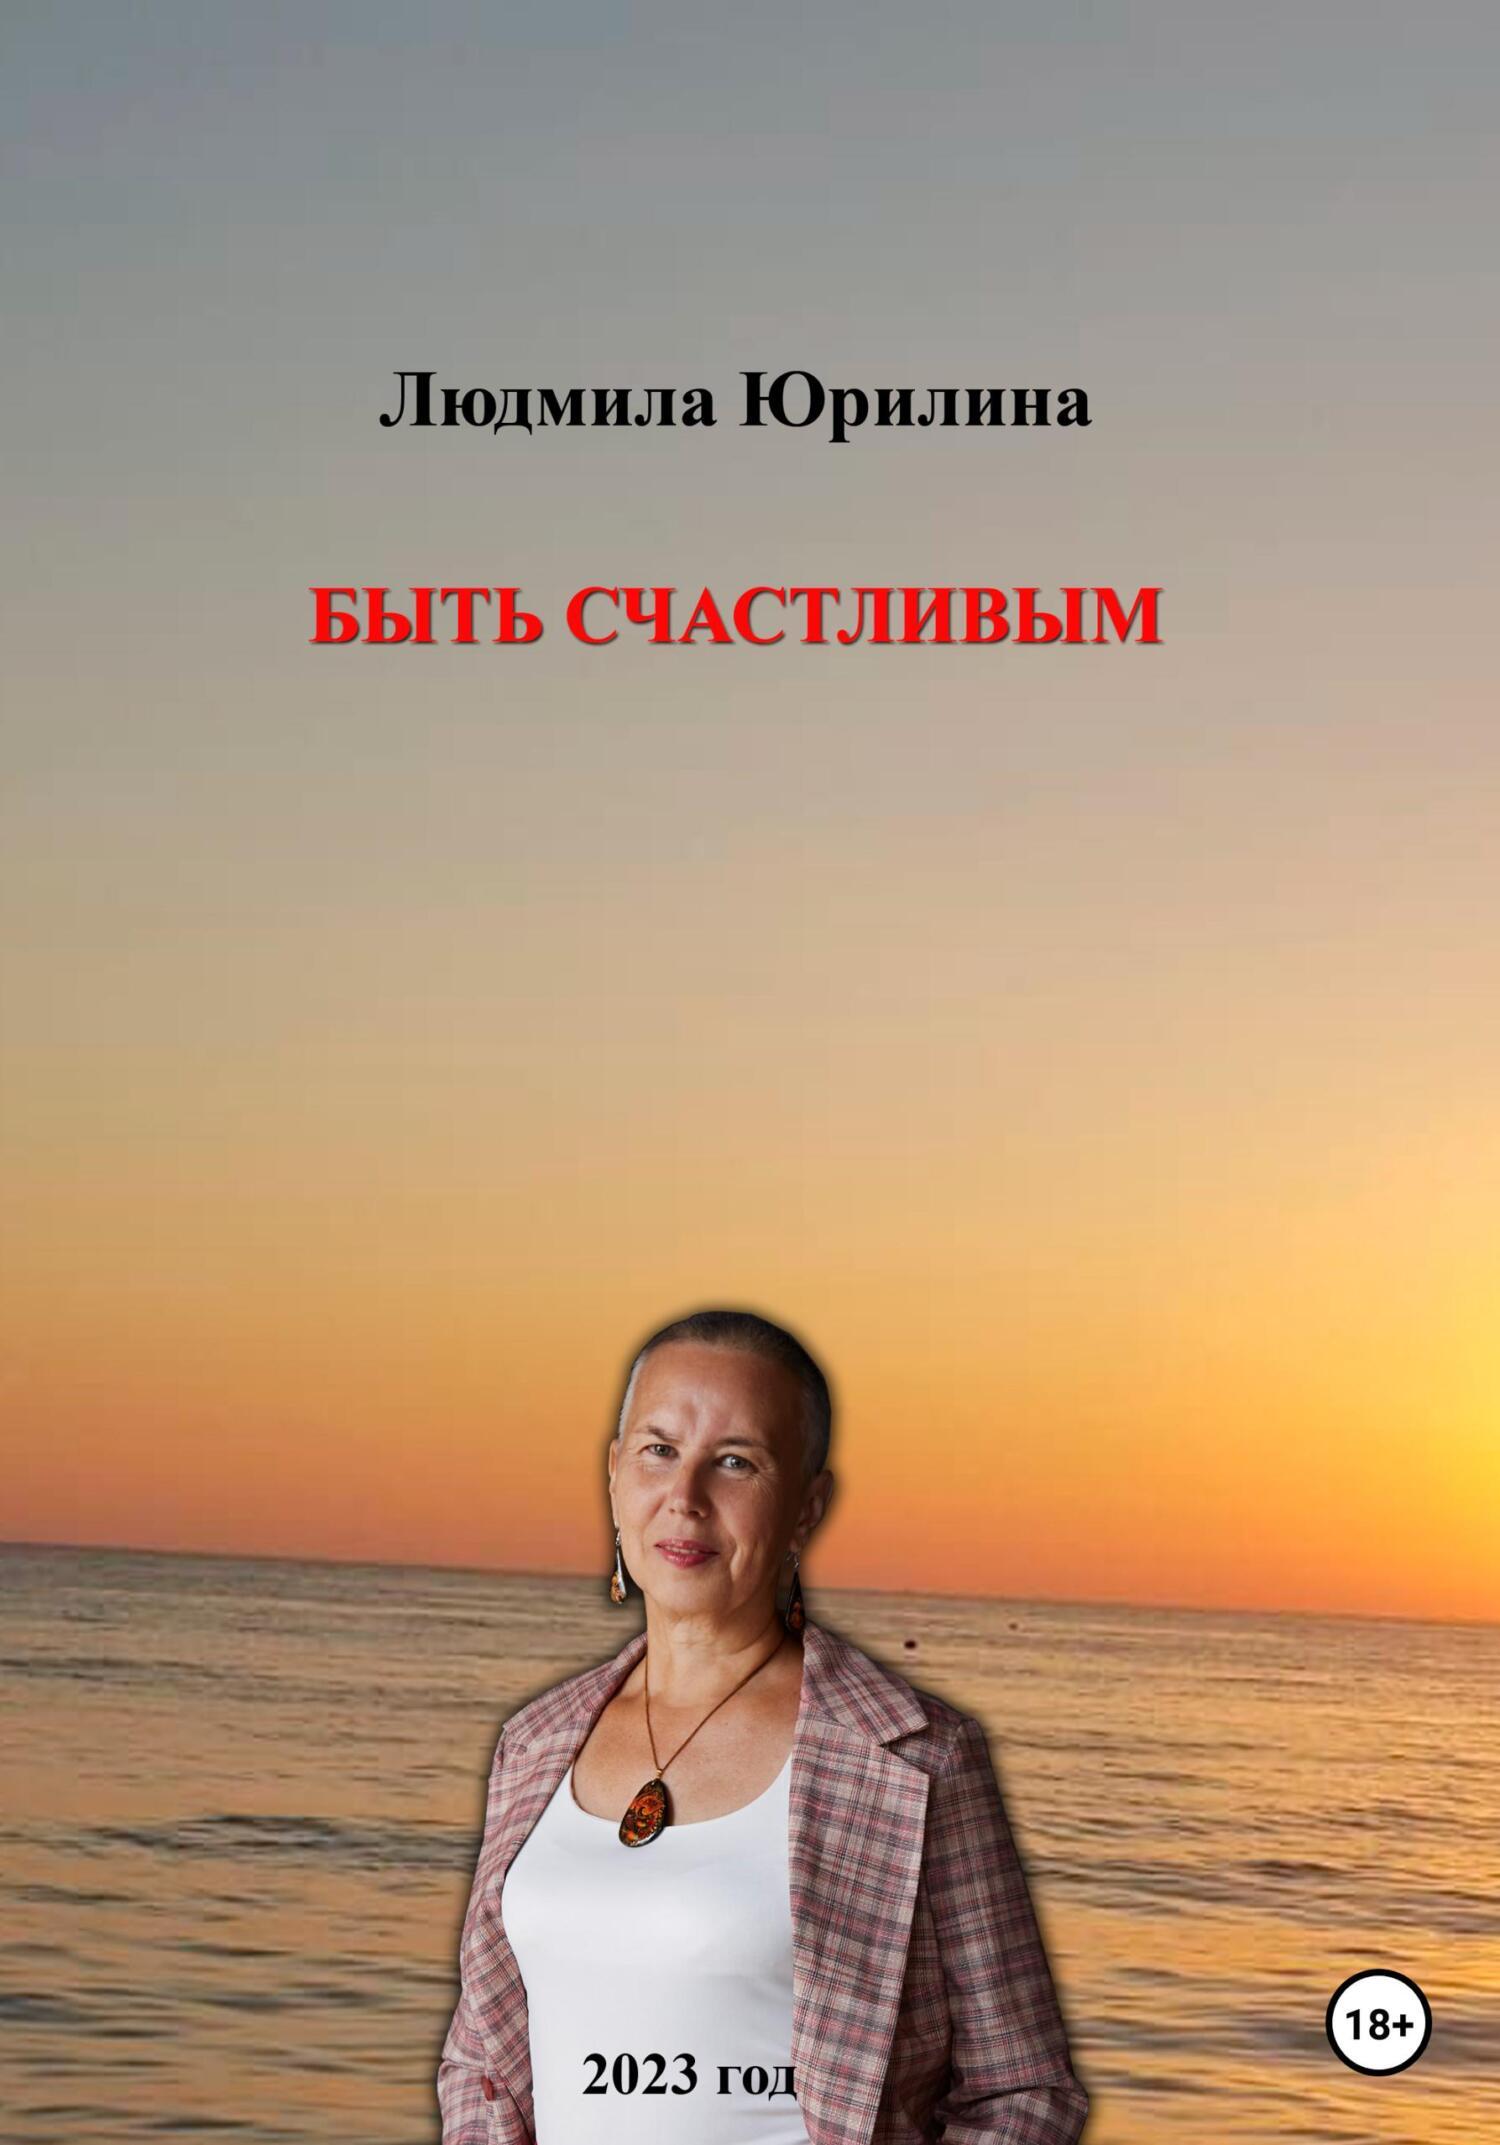 Купить книгу Быть счастливым, автора Людмилы Владимировны Юрилиной